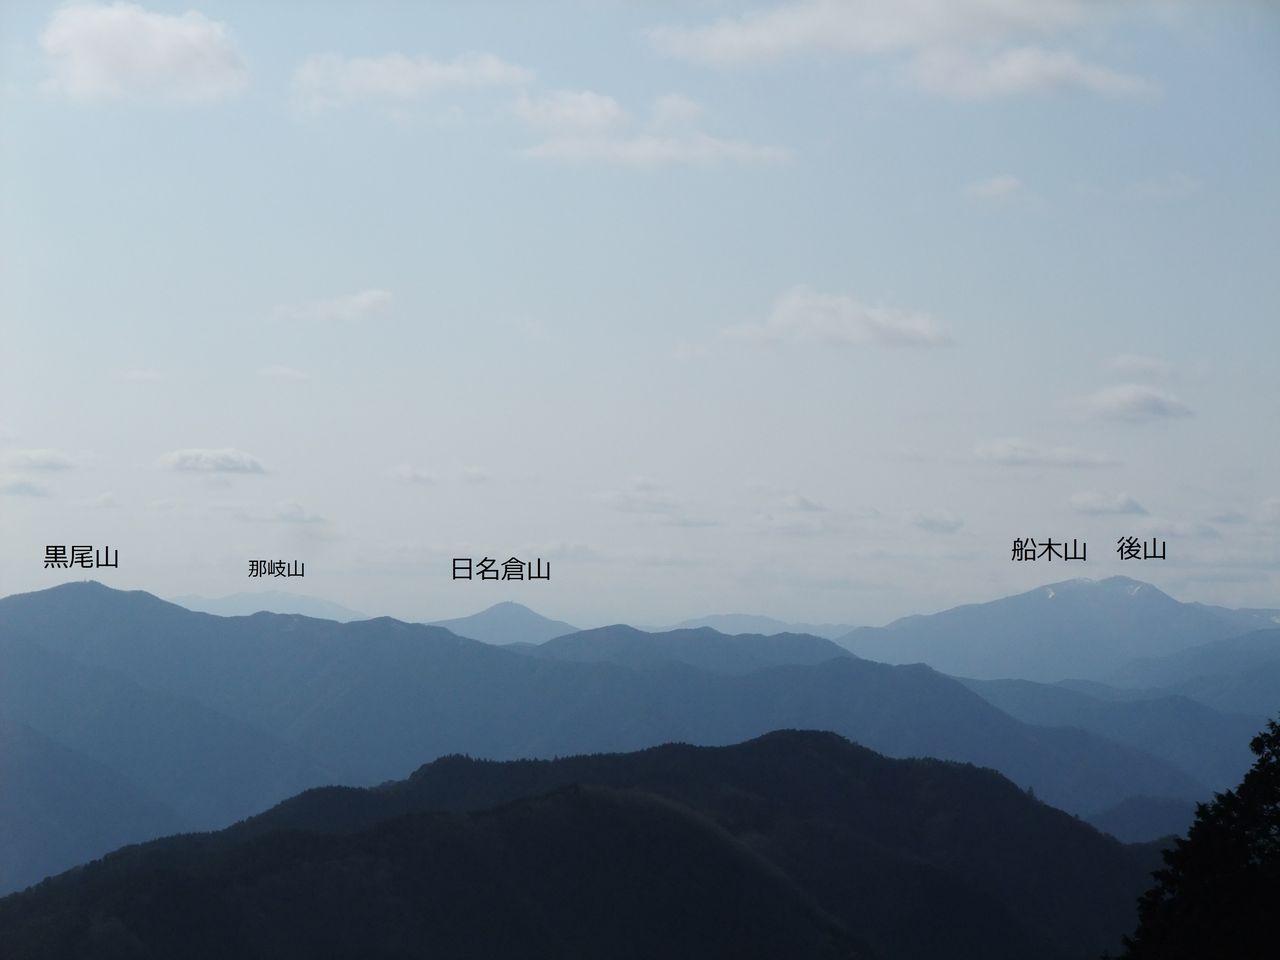 黒滝山頂 那岐山 日名倉山 黒尾山